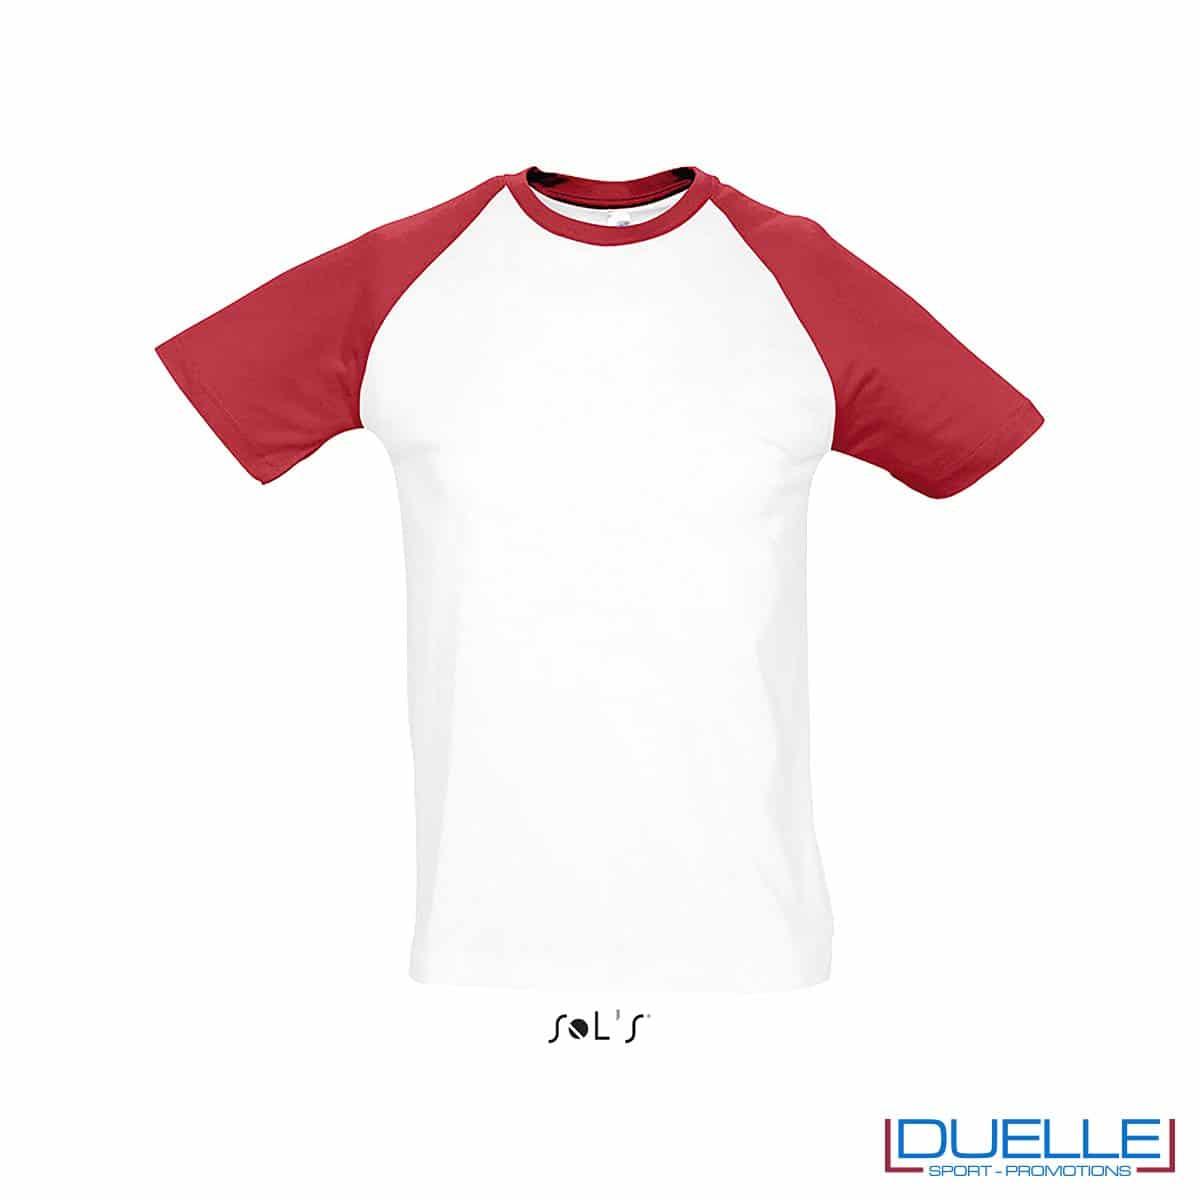 t-shirt personalizzata sportiva bicolore in colore rosso e bianco, abbigliamento sportivo personalizzato